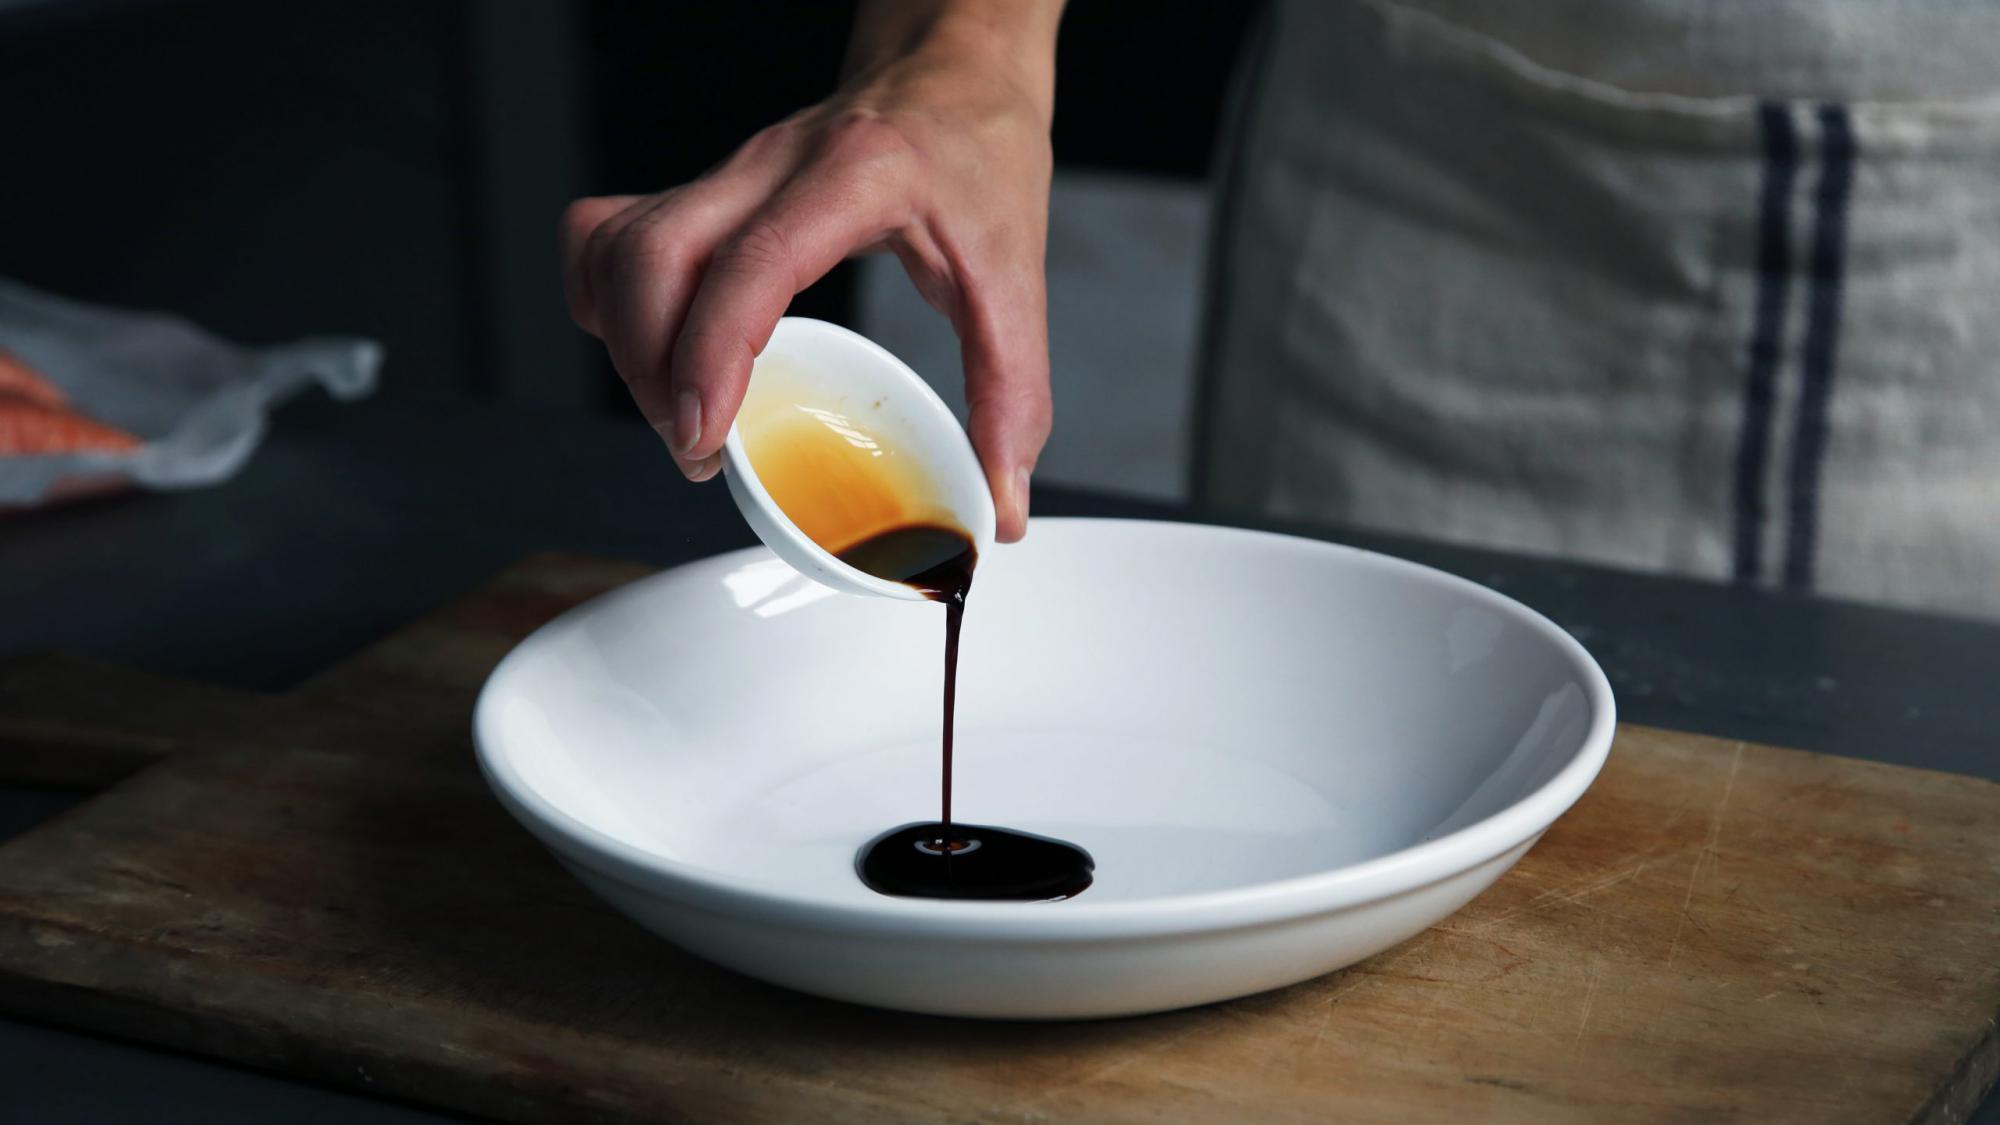 白い皿に注がれるソース